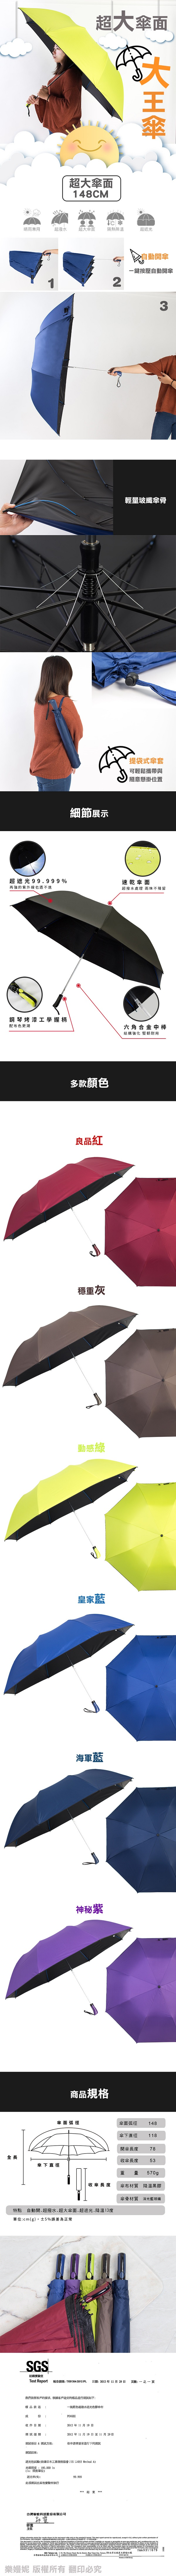 雙龍TDN 、大王傘、雙龍牌、降溫傘、抗UV